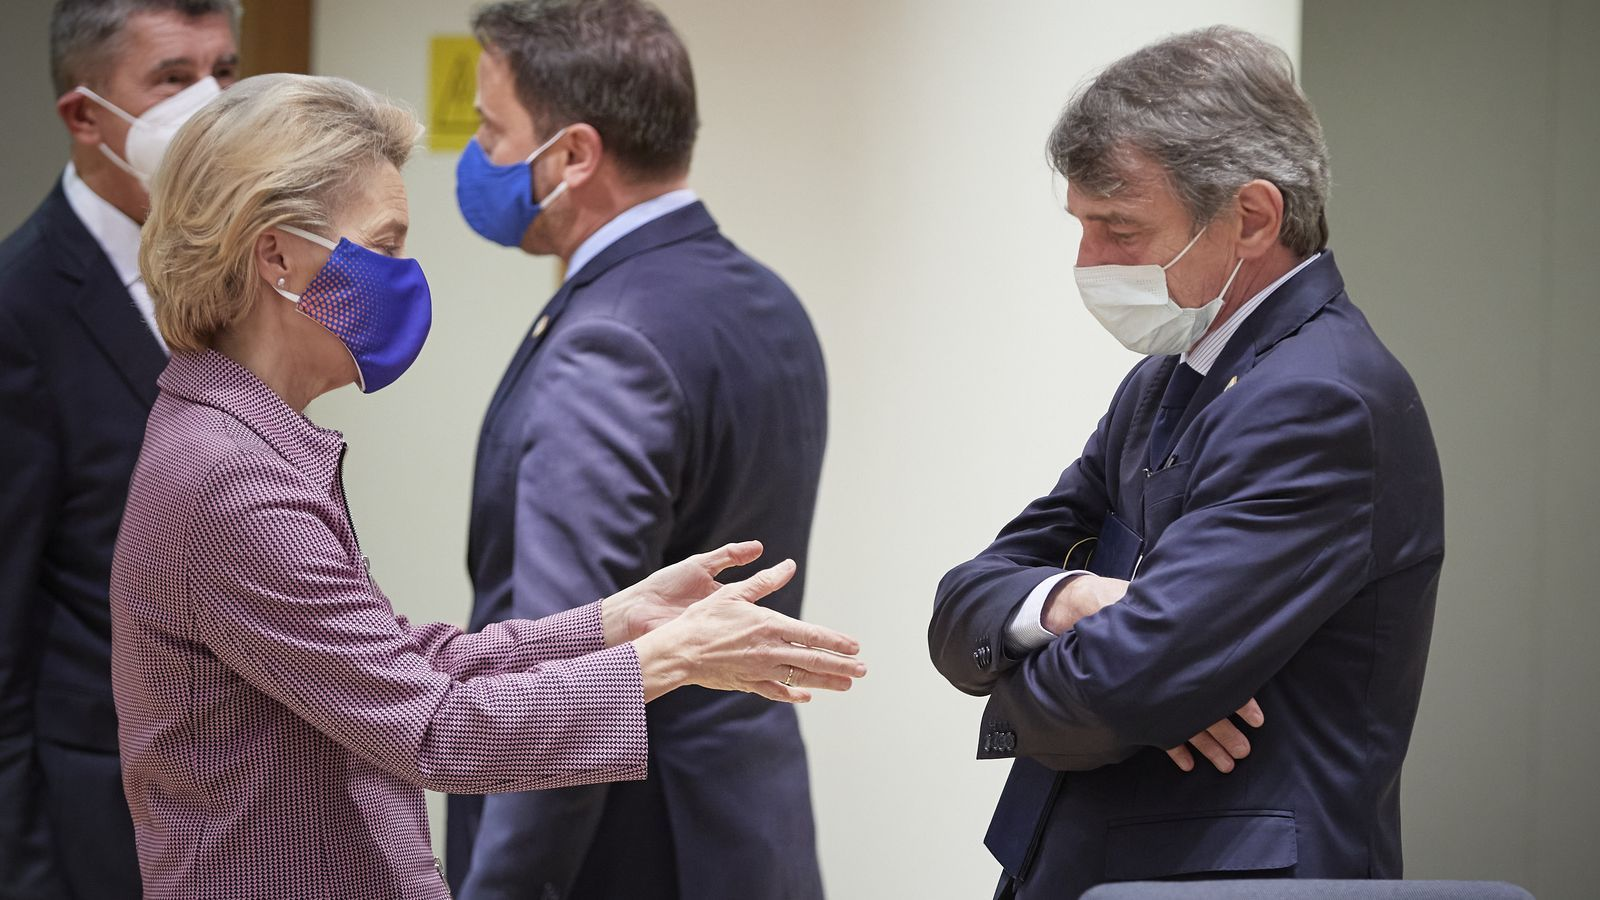 La presidenta de la Comissió Europea, Ursula Von der Leyen,  i el president del Parlament Europeu, David Sassoli..